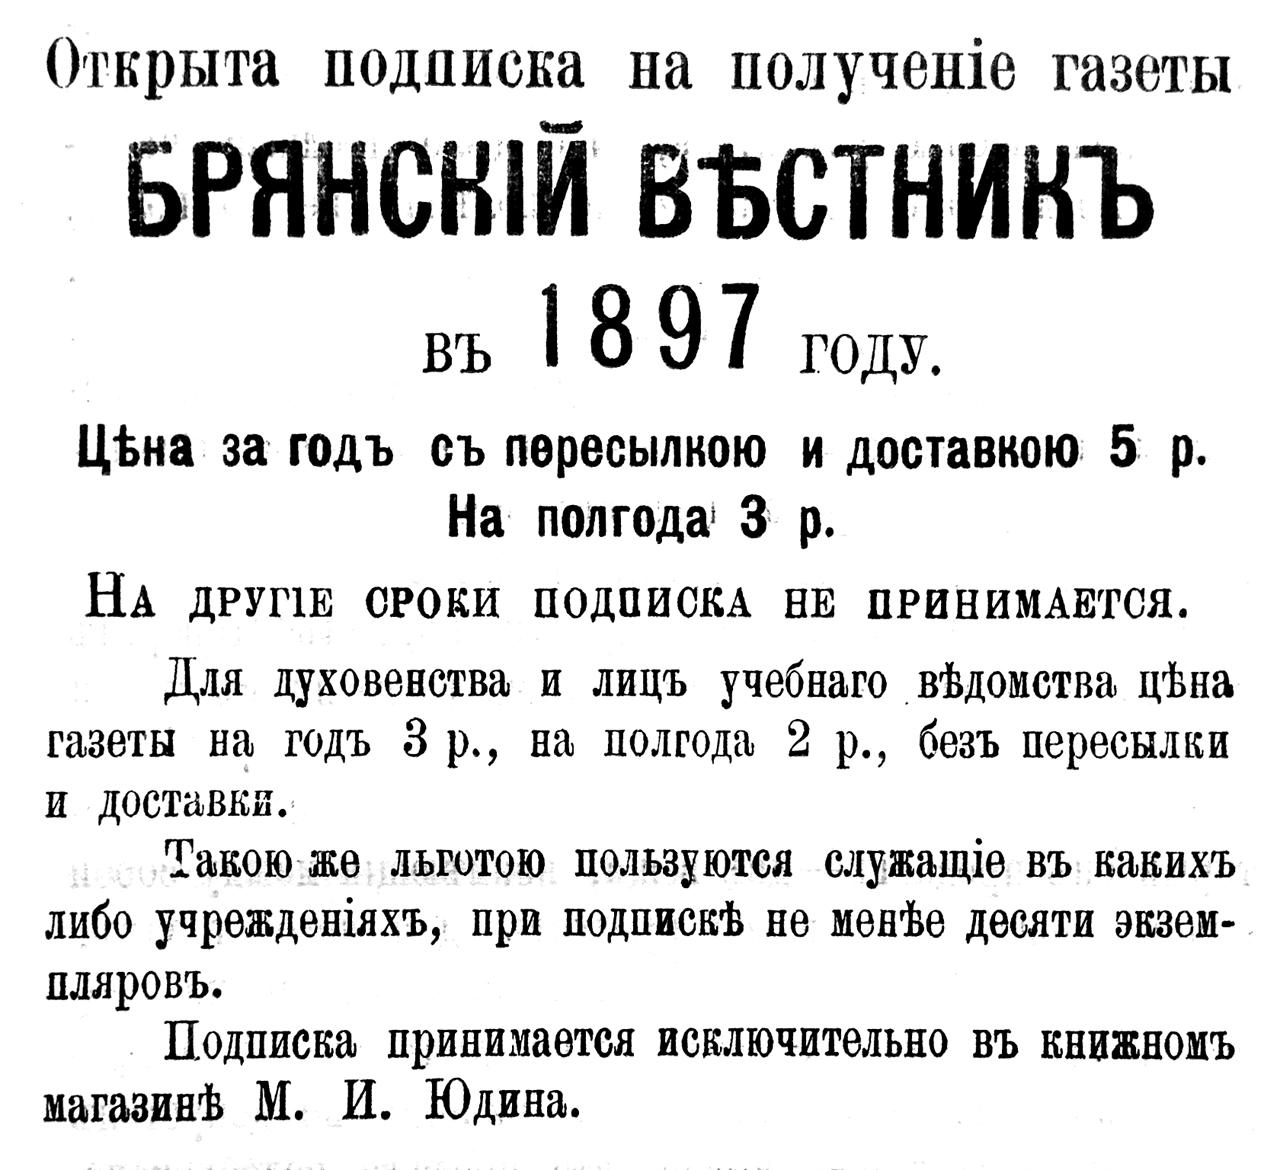 """Открыта подписка на получение газеты """"Брянский Вестник"""" в 1897 году"""